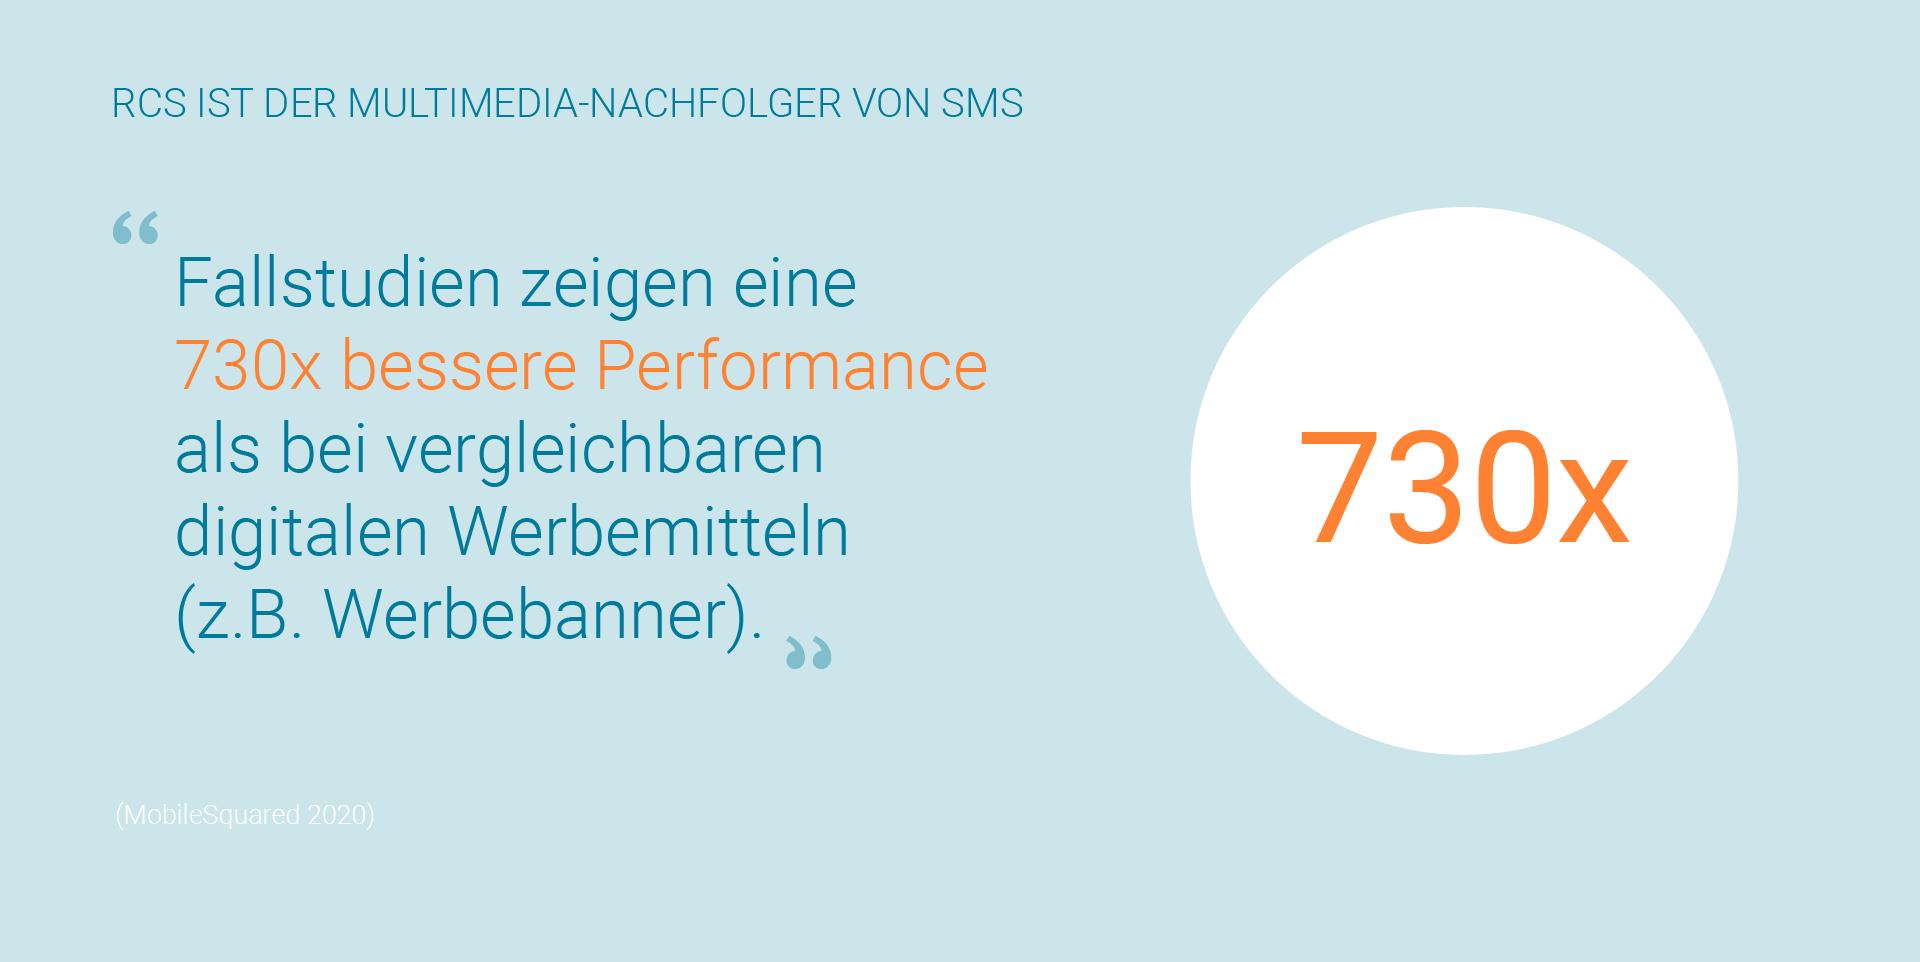 LINK Mobility - RCS bietet 730x besser Performance als vergleichbare digitale Werbemittel